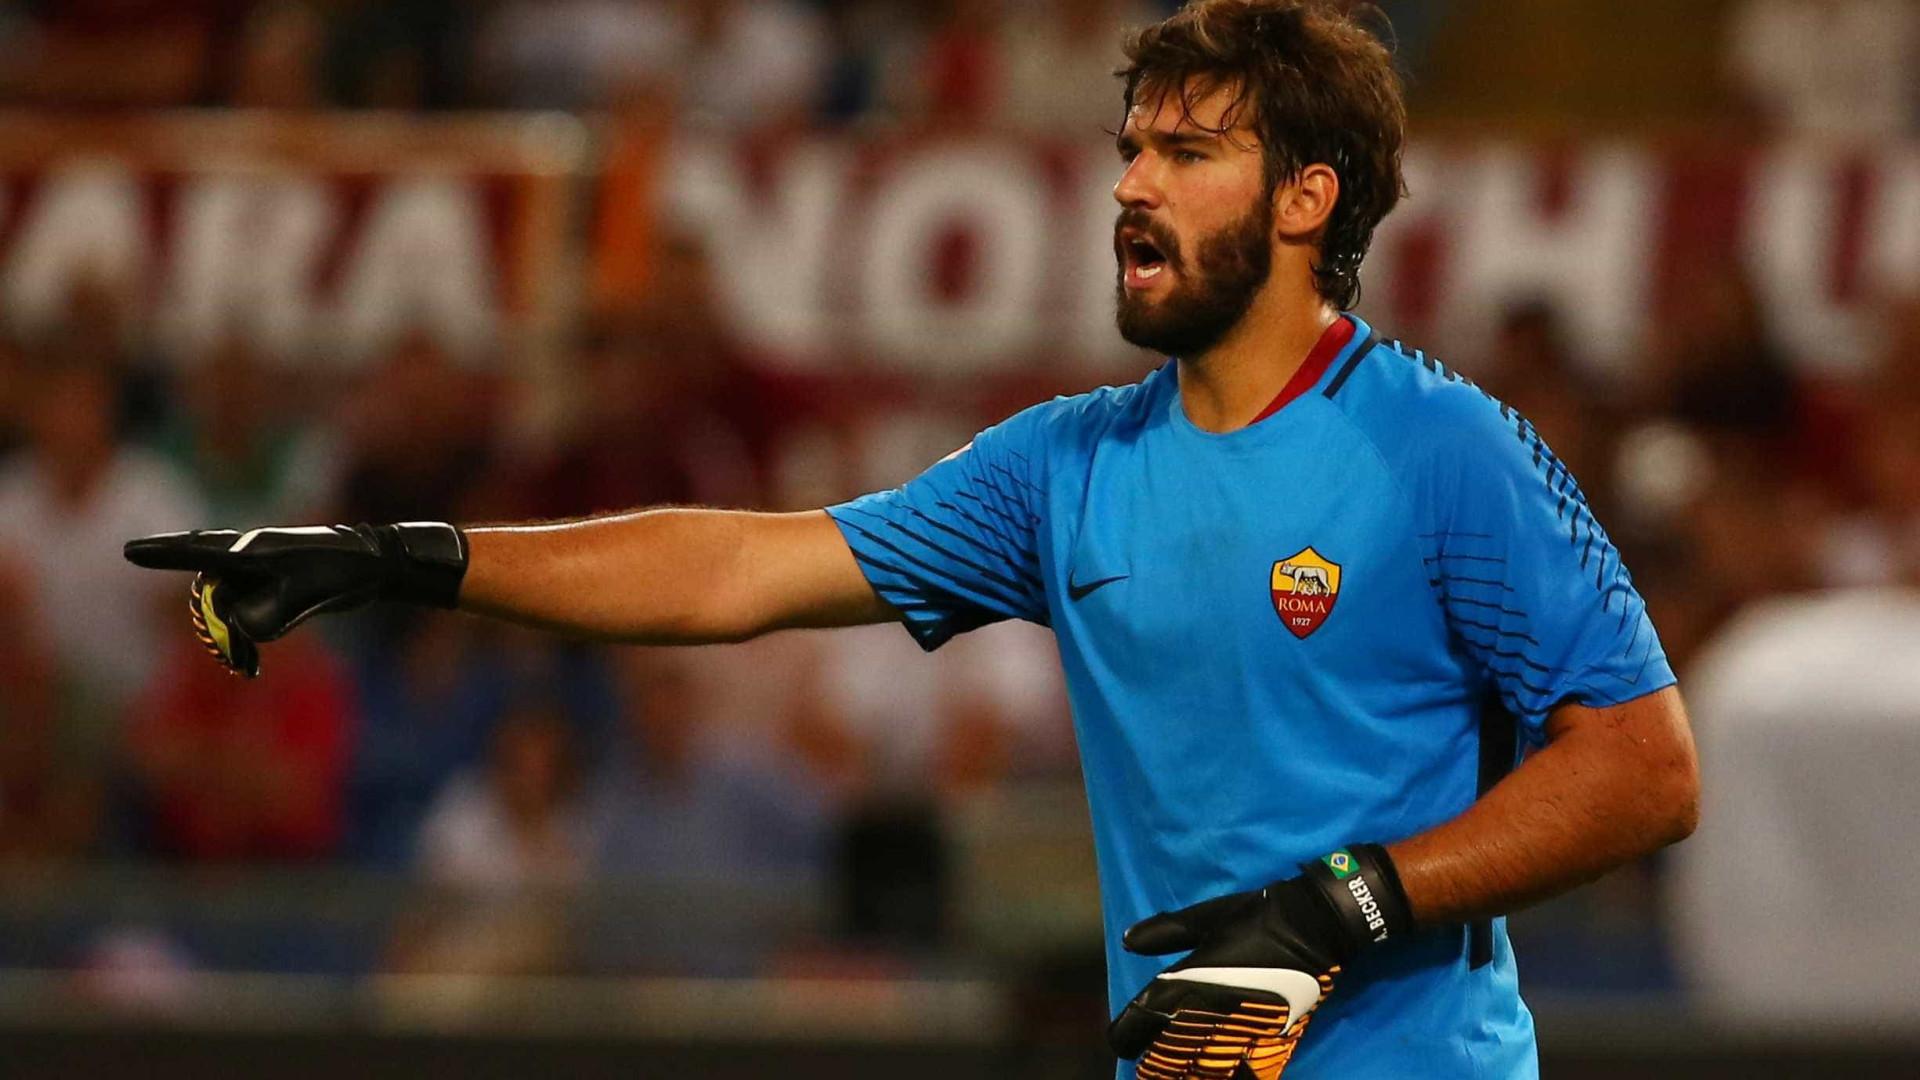 Roma desafia torcedores a escolherem defesa mais bonita de Alisson